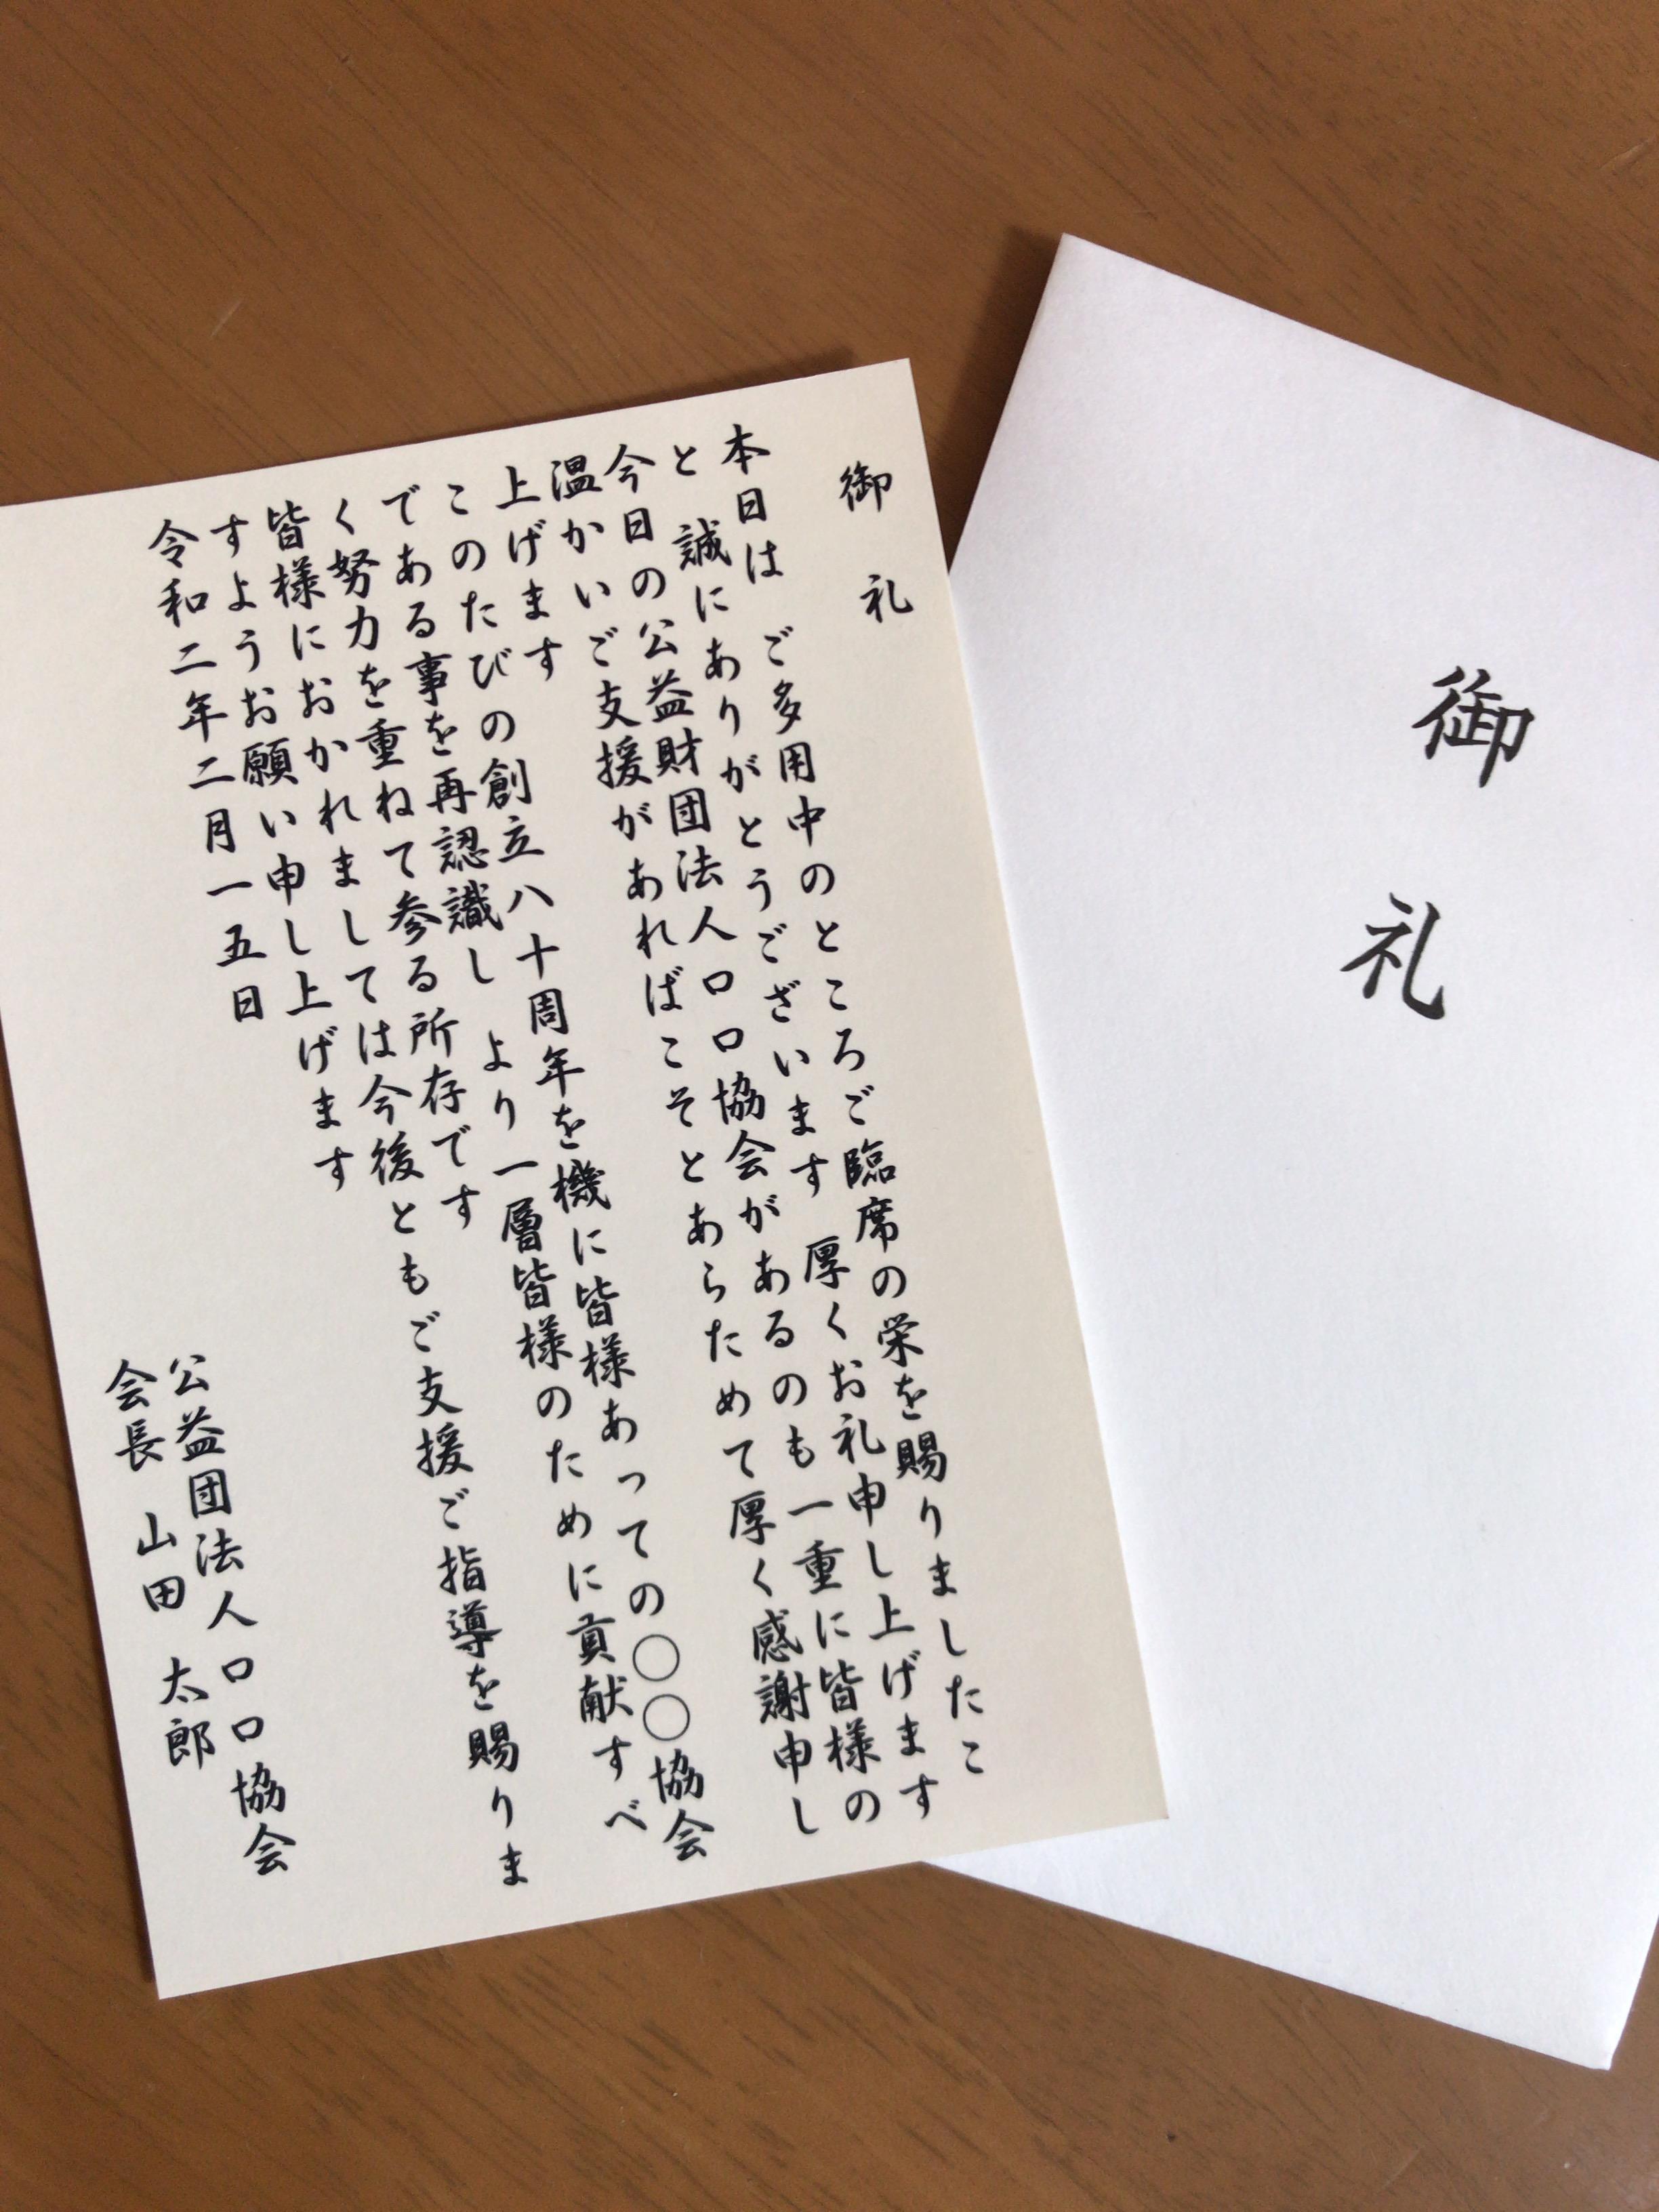 記念式典出席者へのお礼状の文面